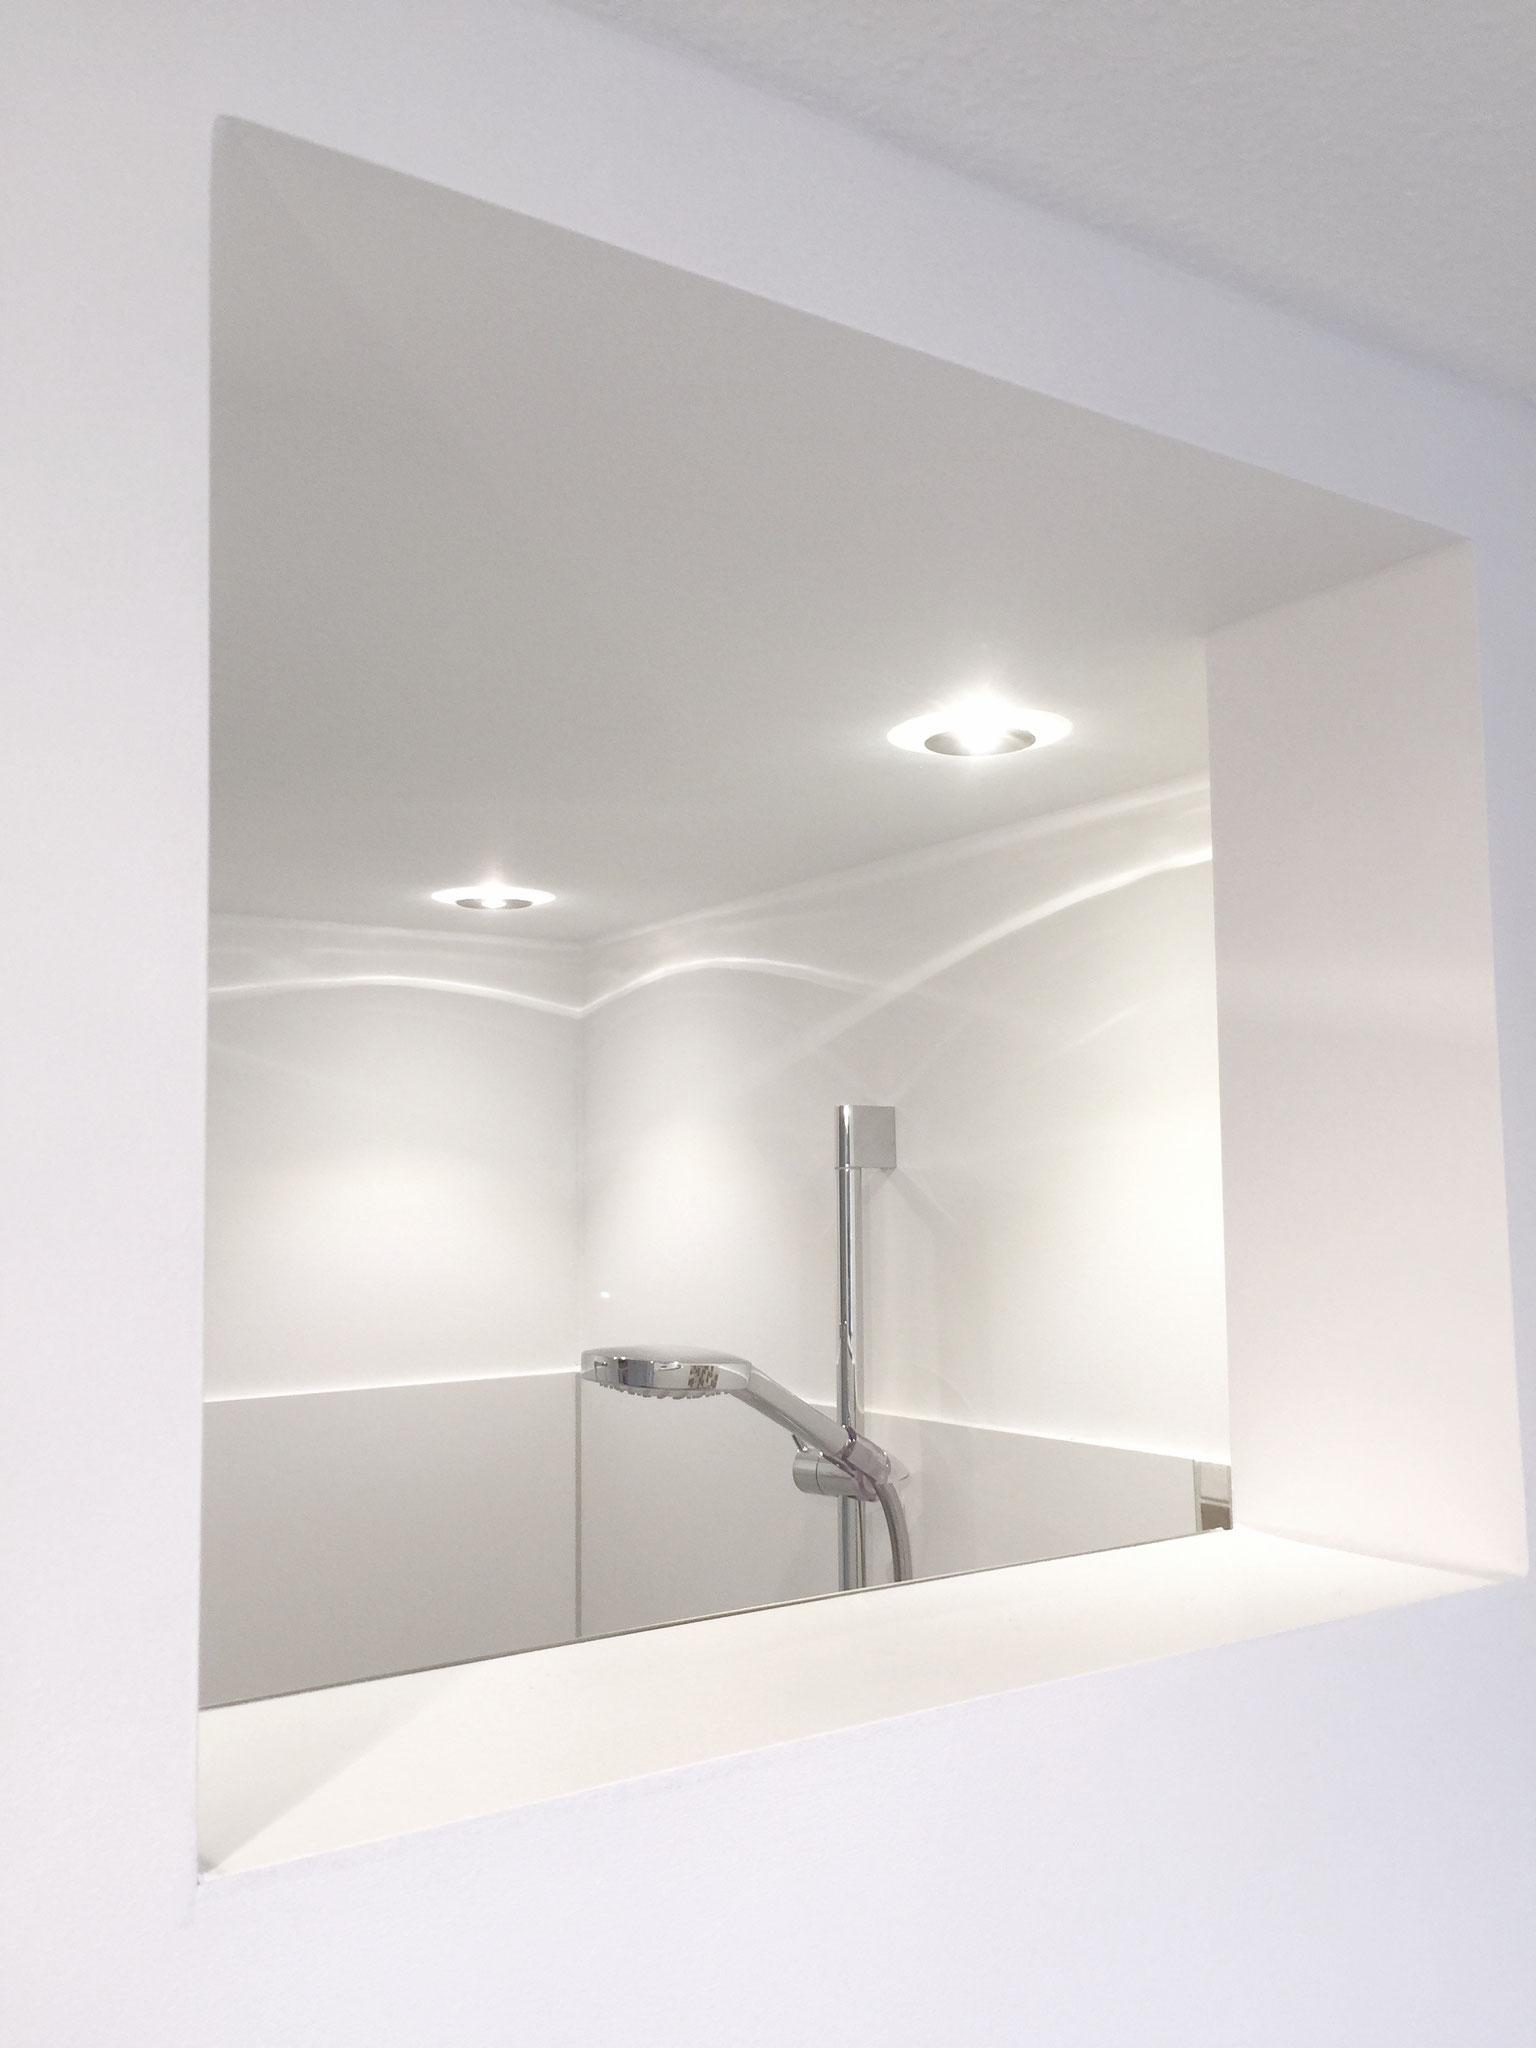 Lichtausschnitt sorgt für Tageslicht im Duschbereich